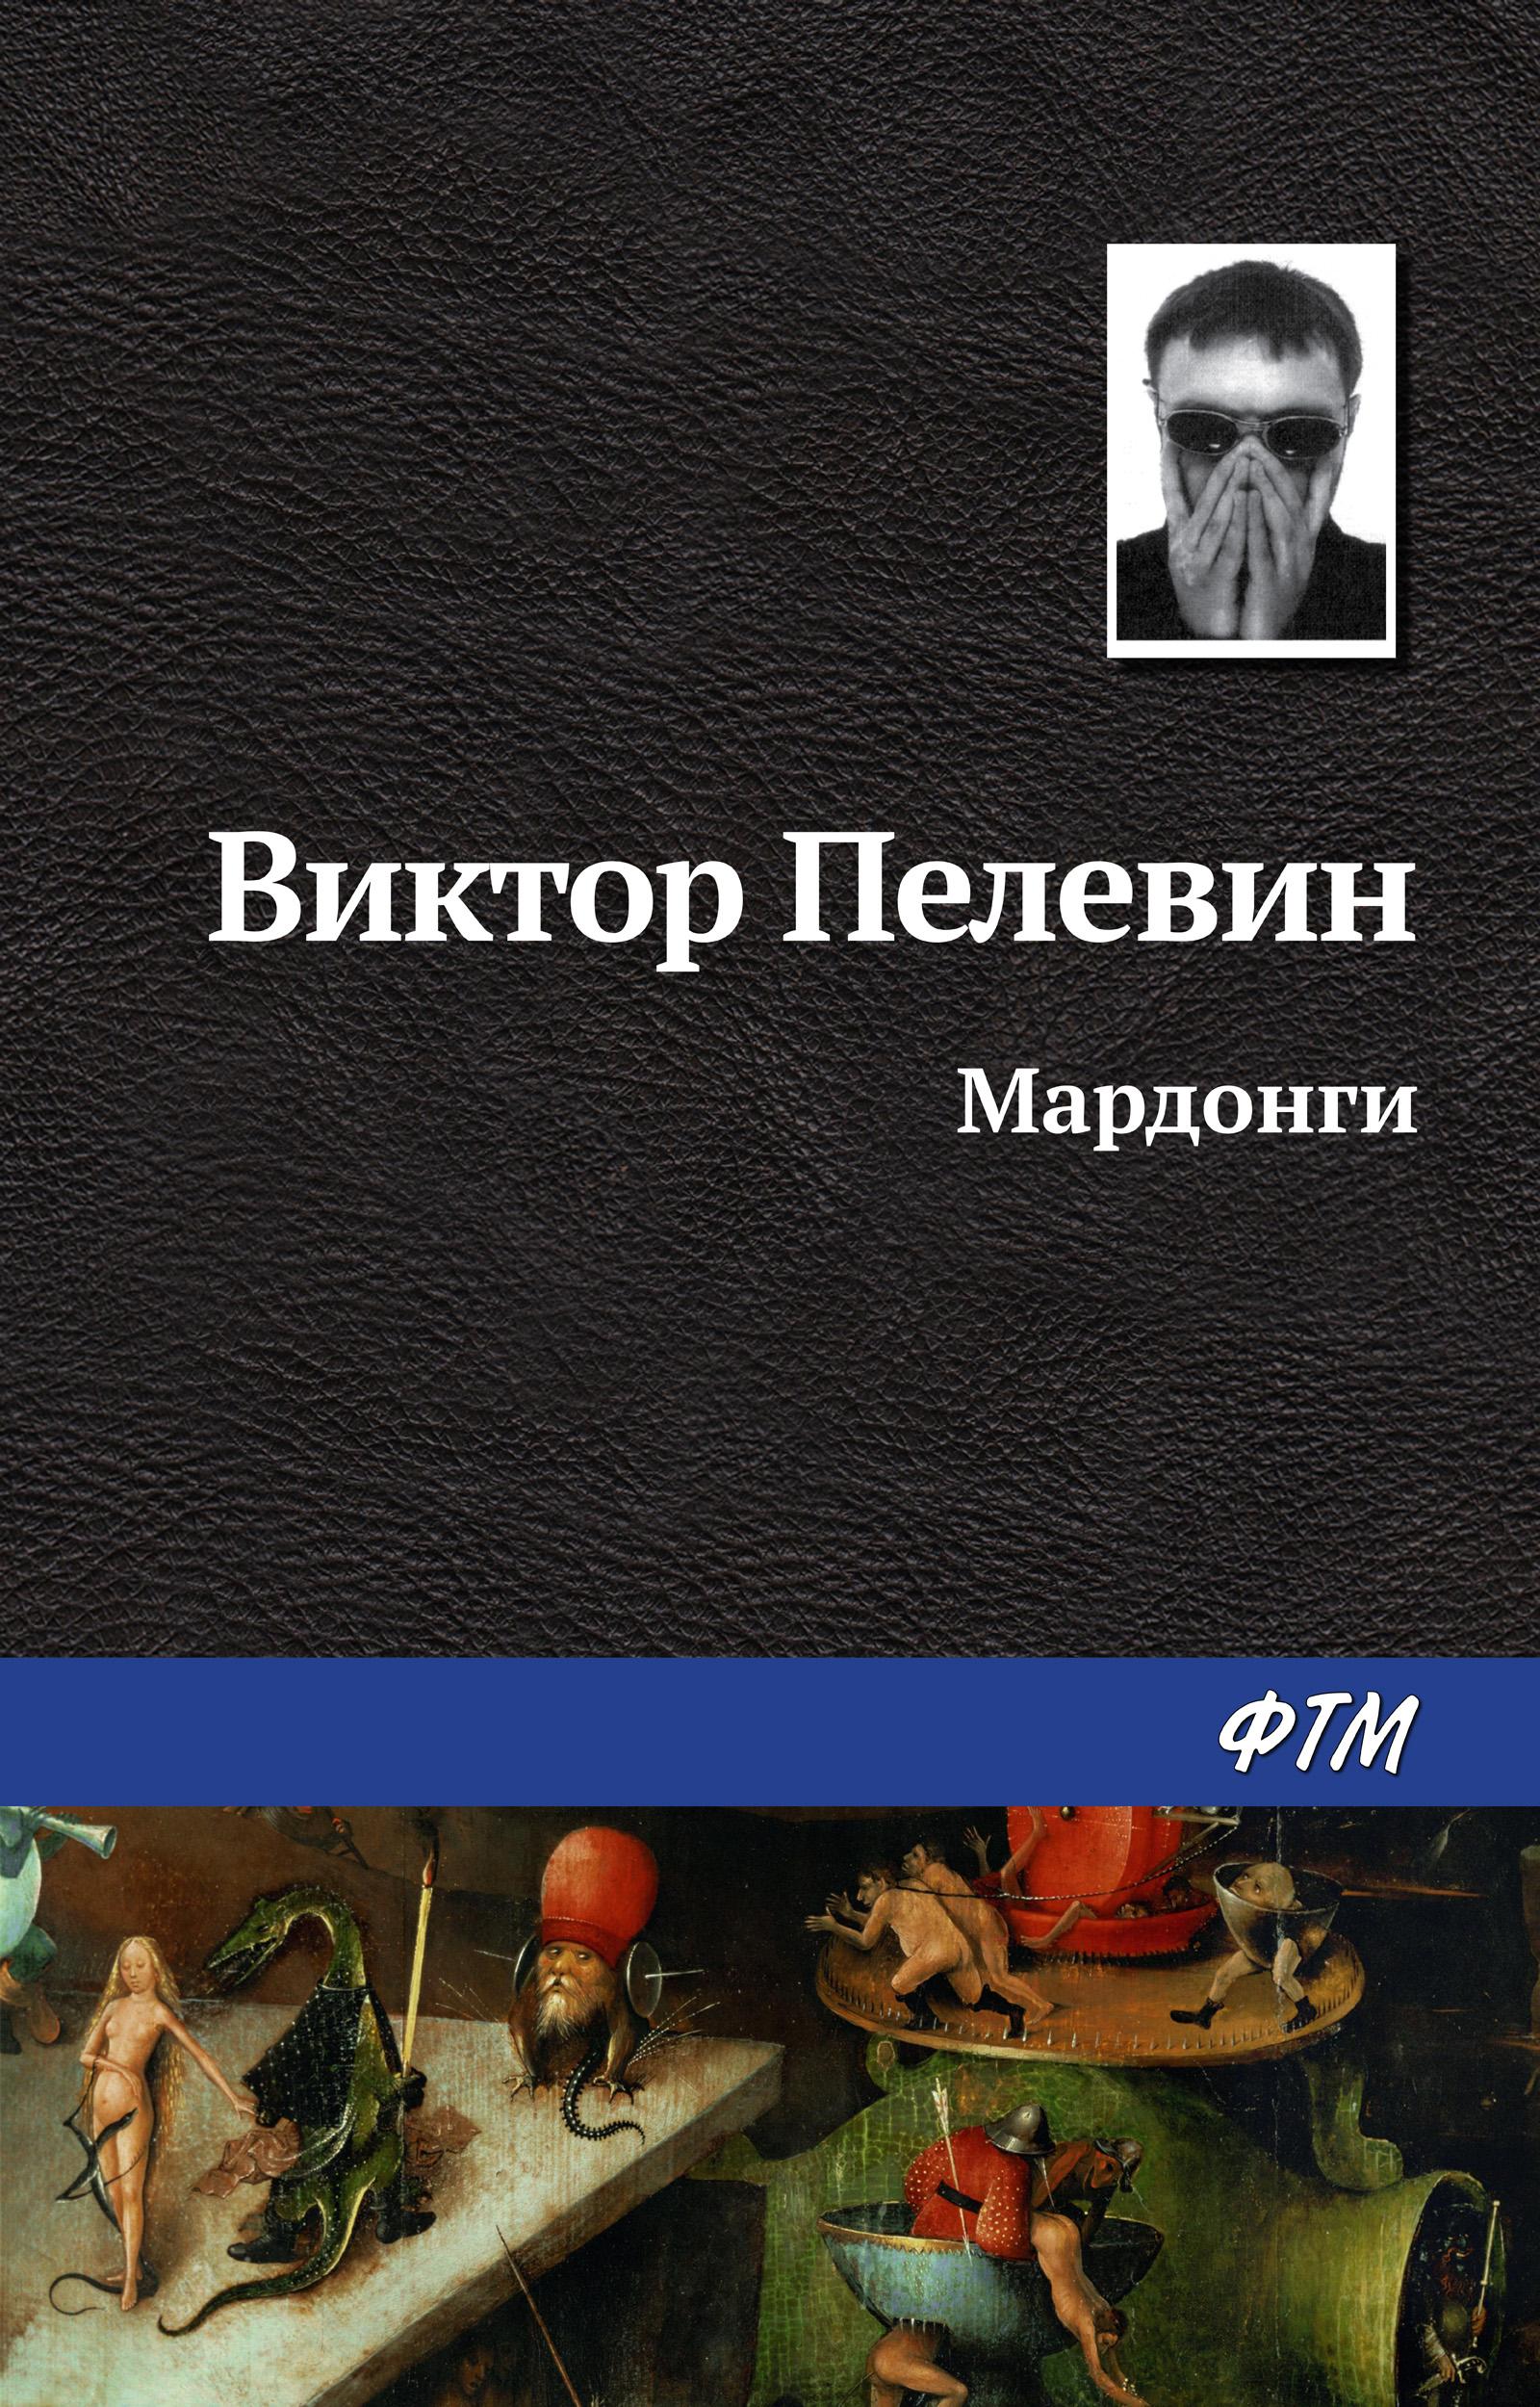 Виктор Пелевин Мардонги виктор пелевин виктор пелевин истории и рассказы